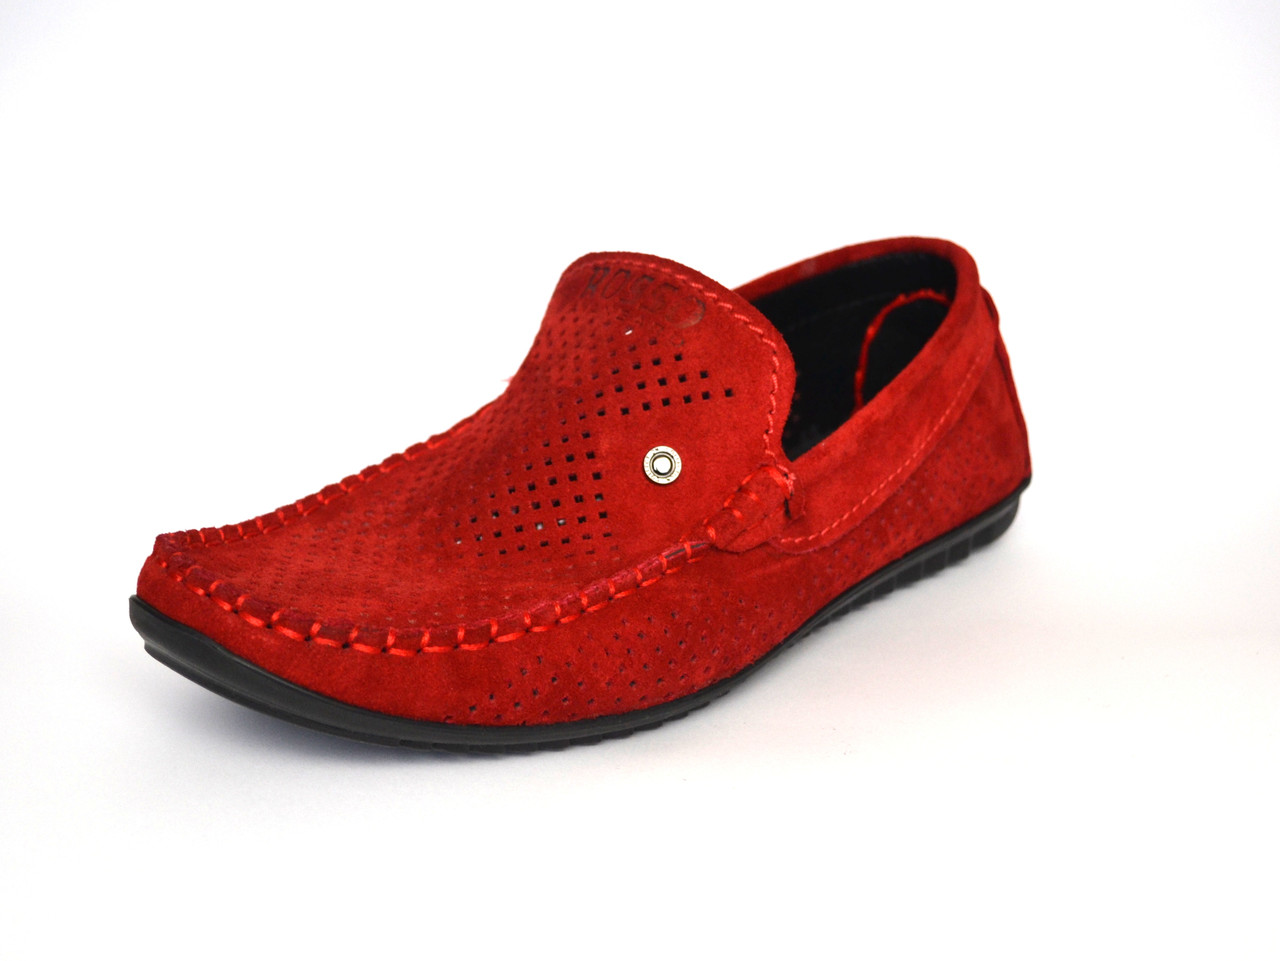 Летние мужские мокасины замшевые с перфорацией красные Rosso Avangard Alberto Red Perf